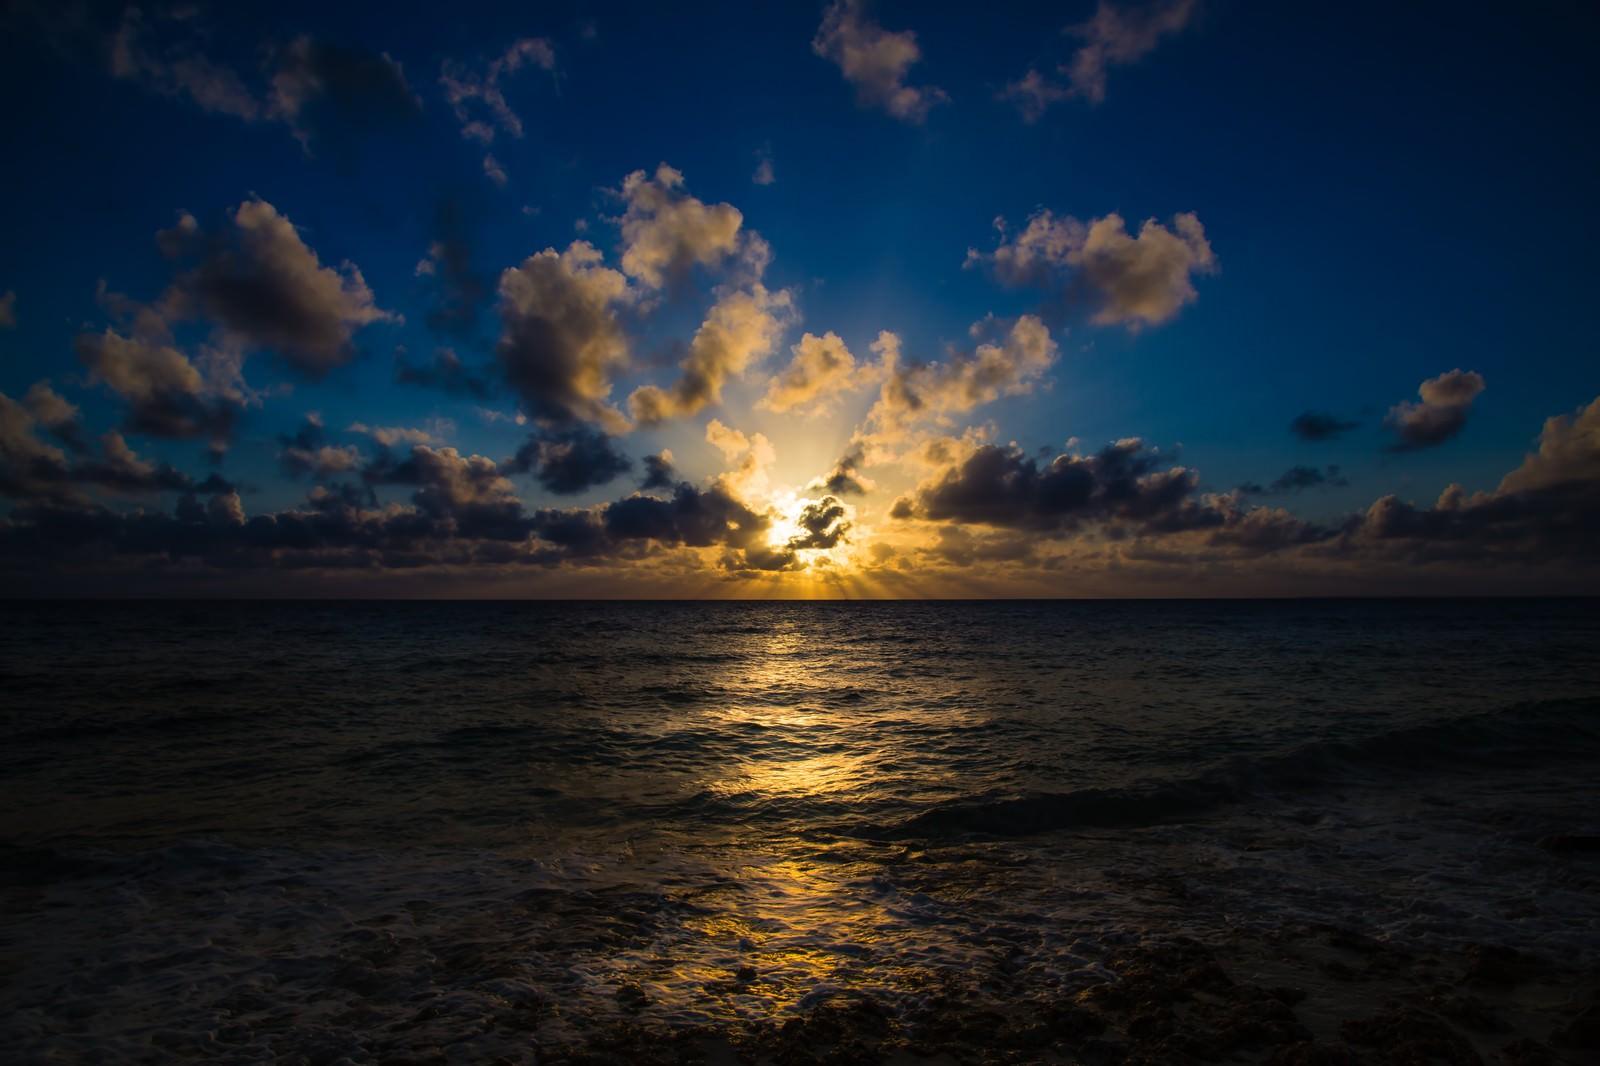 「宮古島長間浜の夕焼け宮古島長間浜の夕焼け」のフリー写真素材を拡大